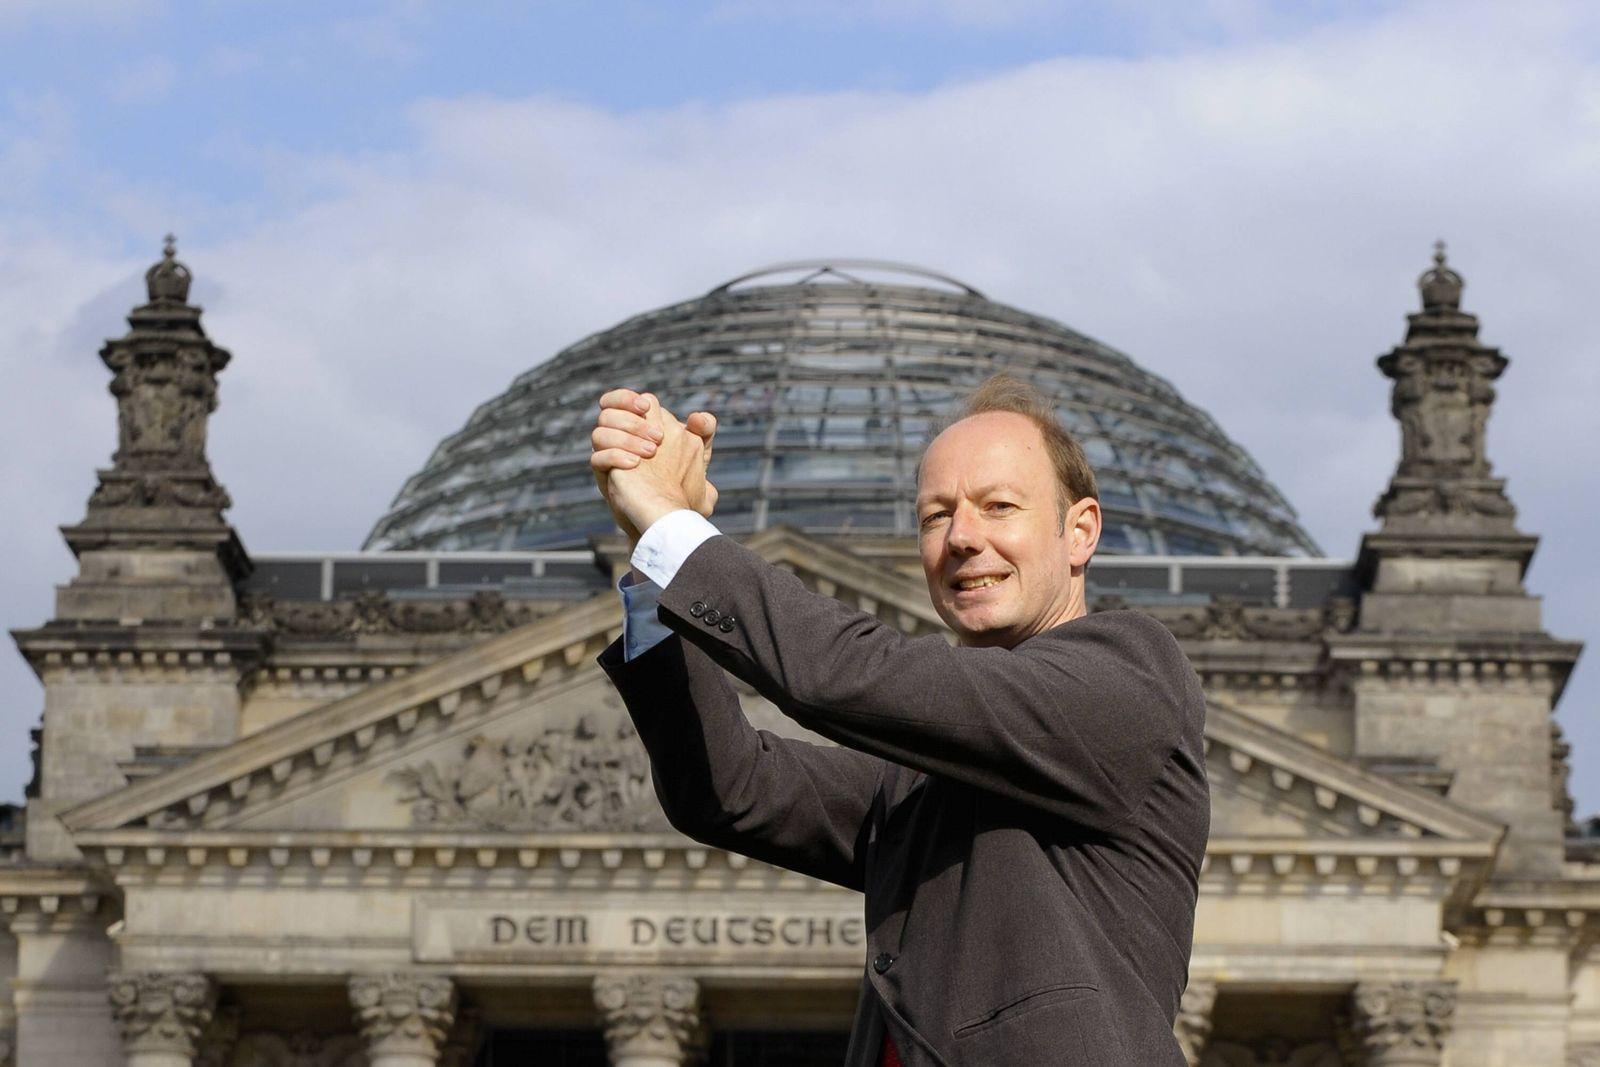 NICHT VERWENDEN Martin Sonneborn / Die Partei